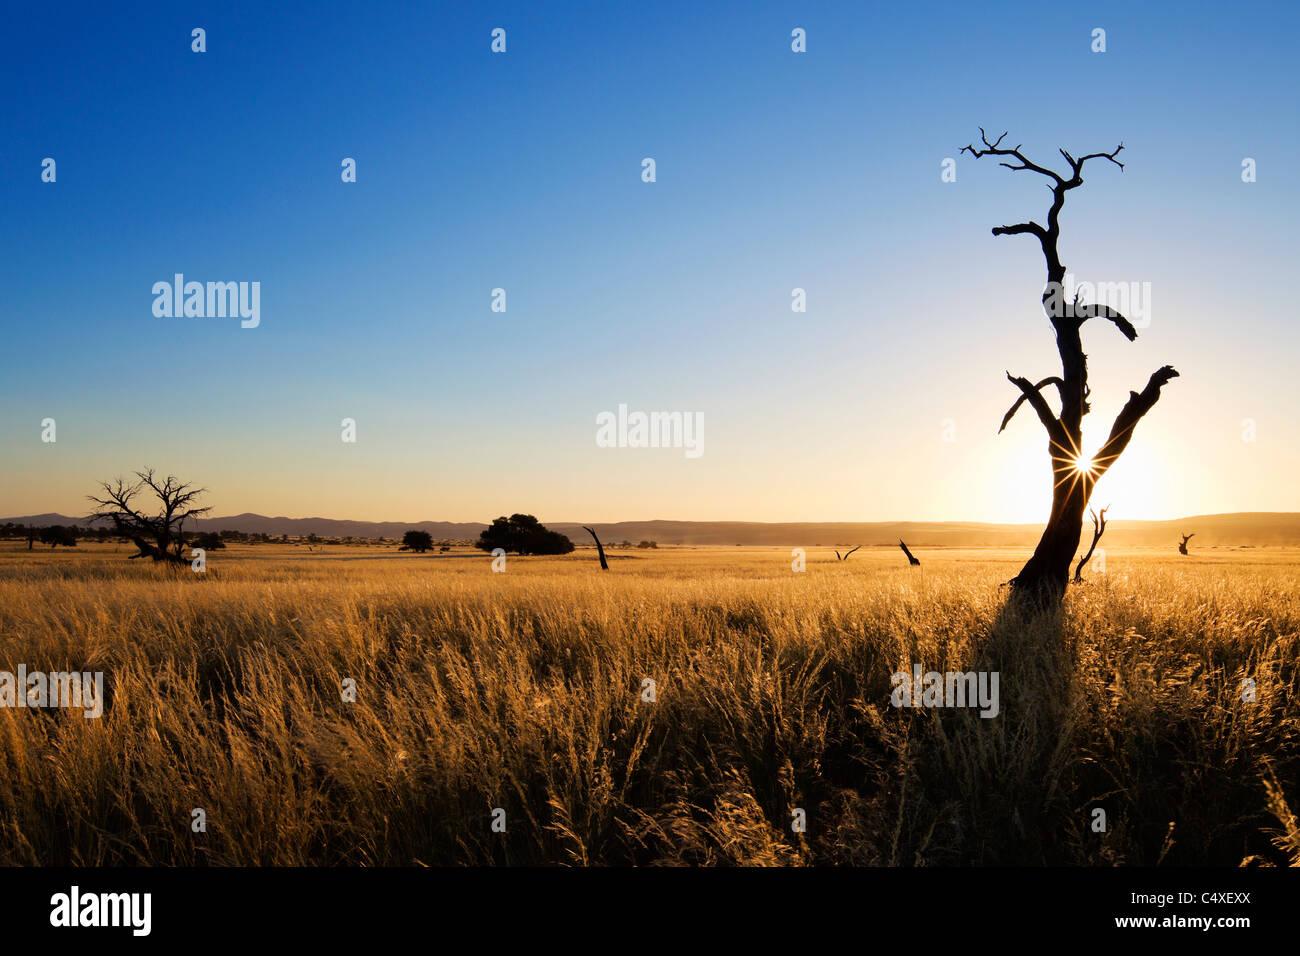 Scenario che mostra l'ecologia unica di sud-ovest il deserto del Namib o pro -Namib. NamibRand Riserva Naturale, Immagini Stock